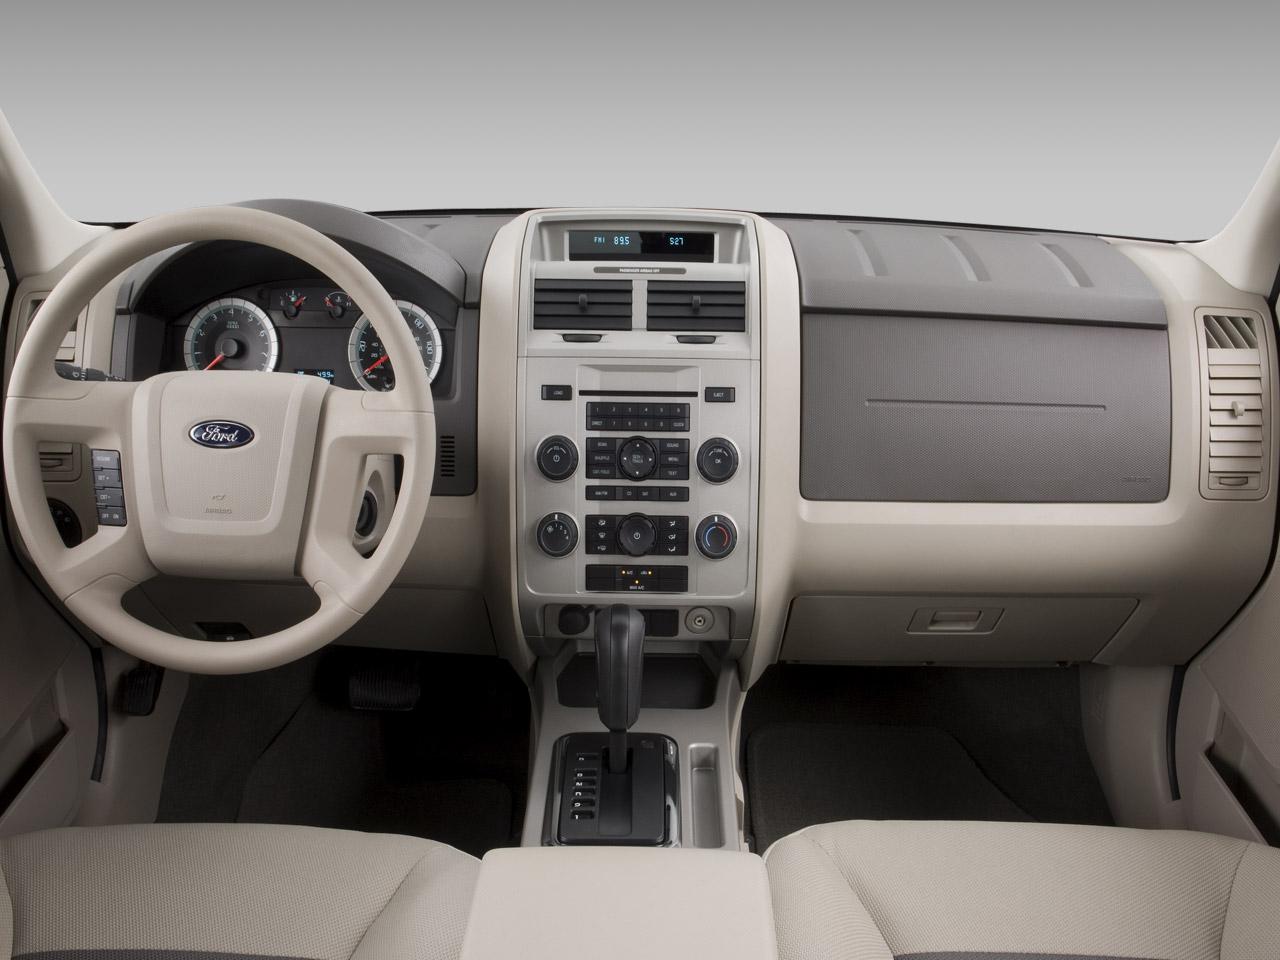 2008 ford escape review - automobile magazine